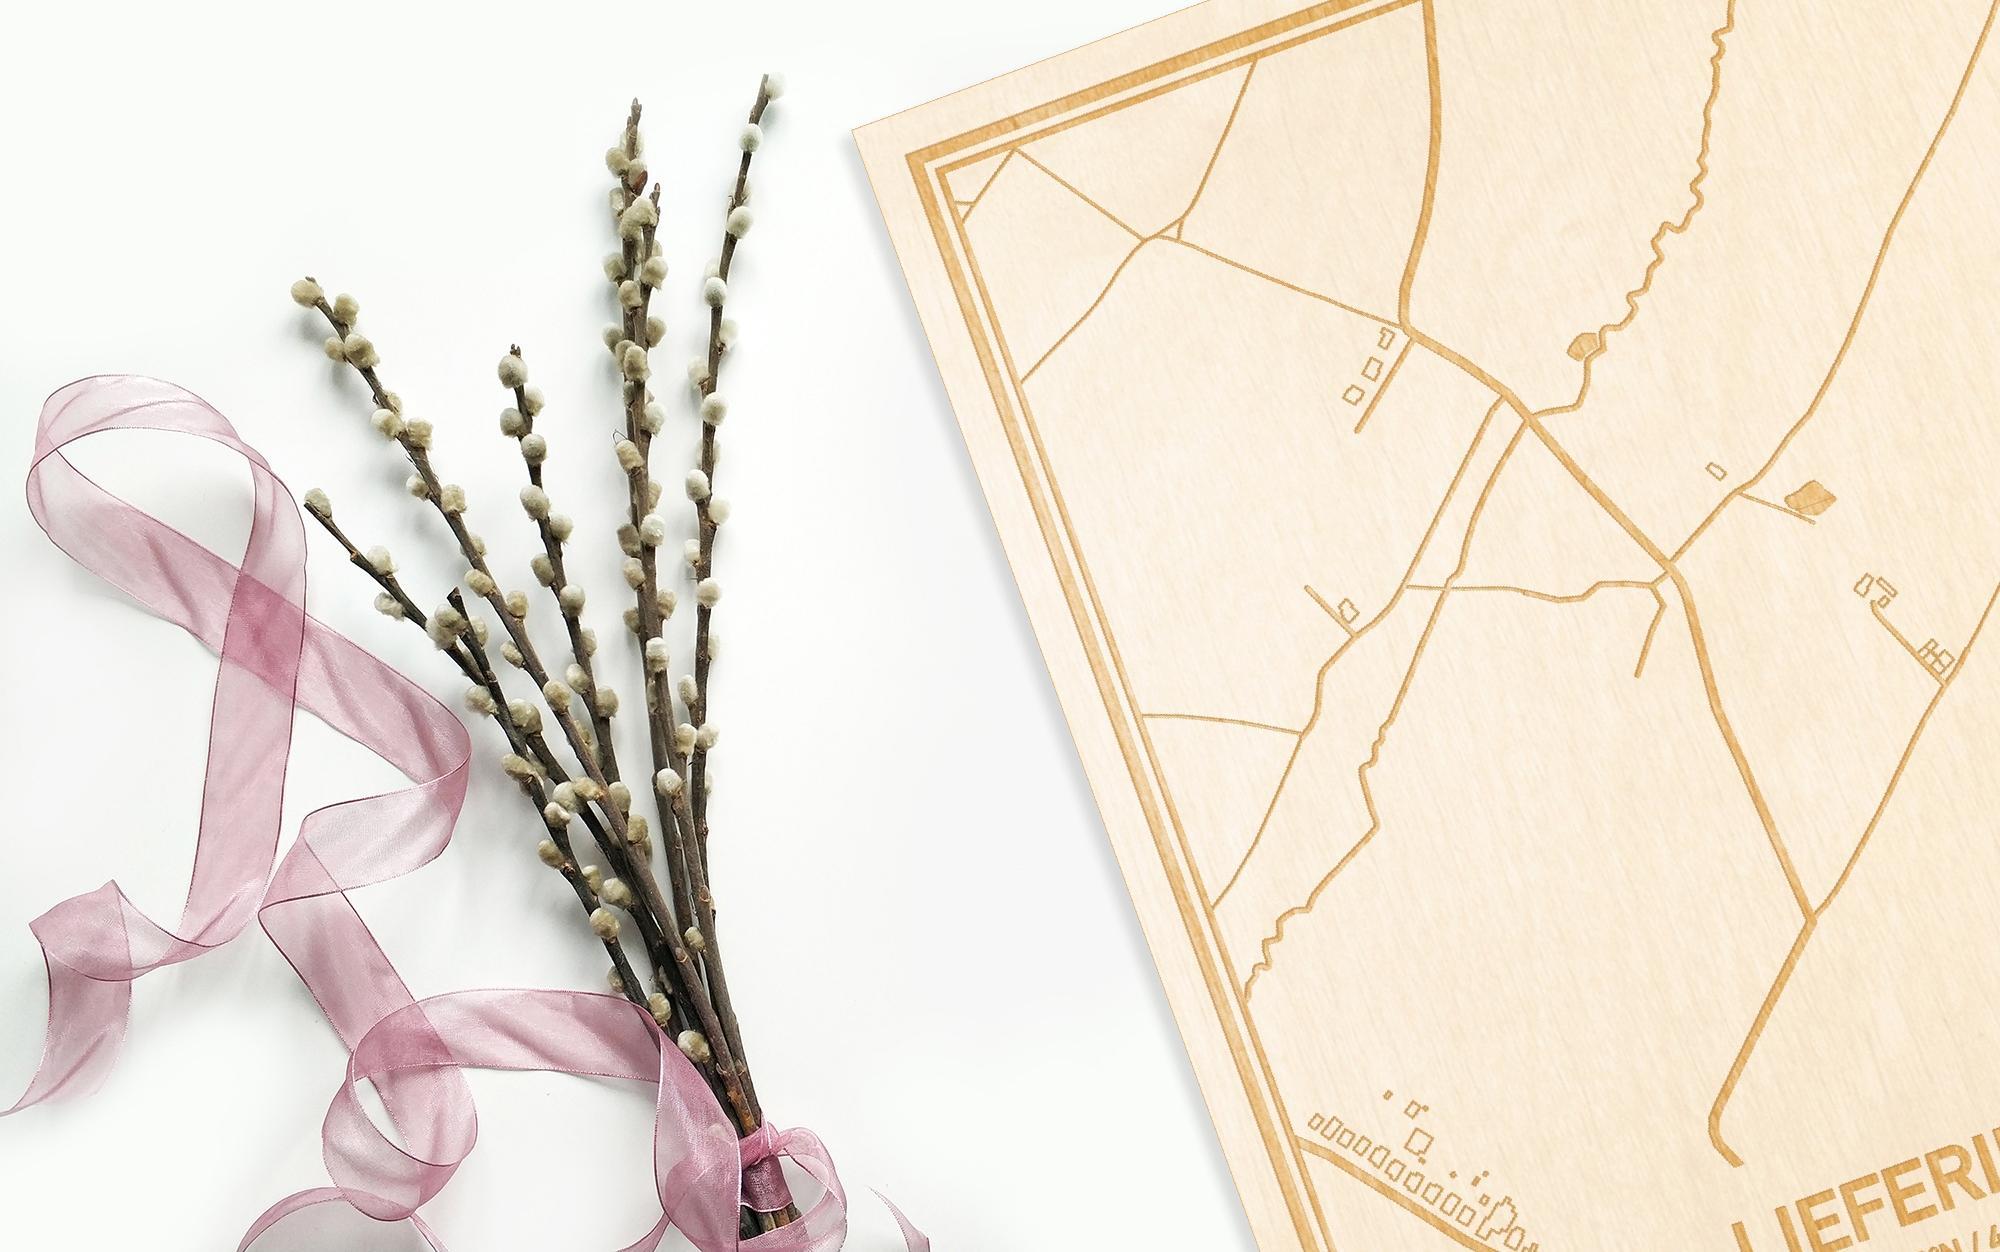 Hier ligt de houten plattegrond Lieferinge naast een bloemetje als gepersonaliseerd cadeau voor haar.